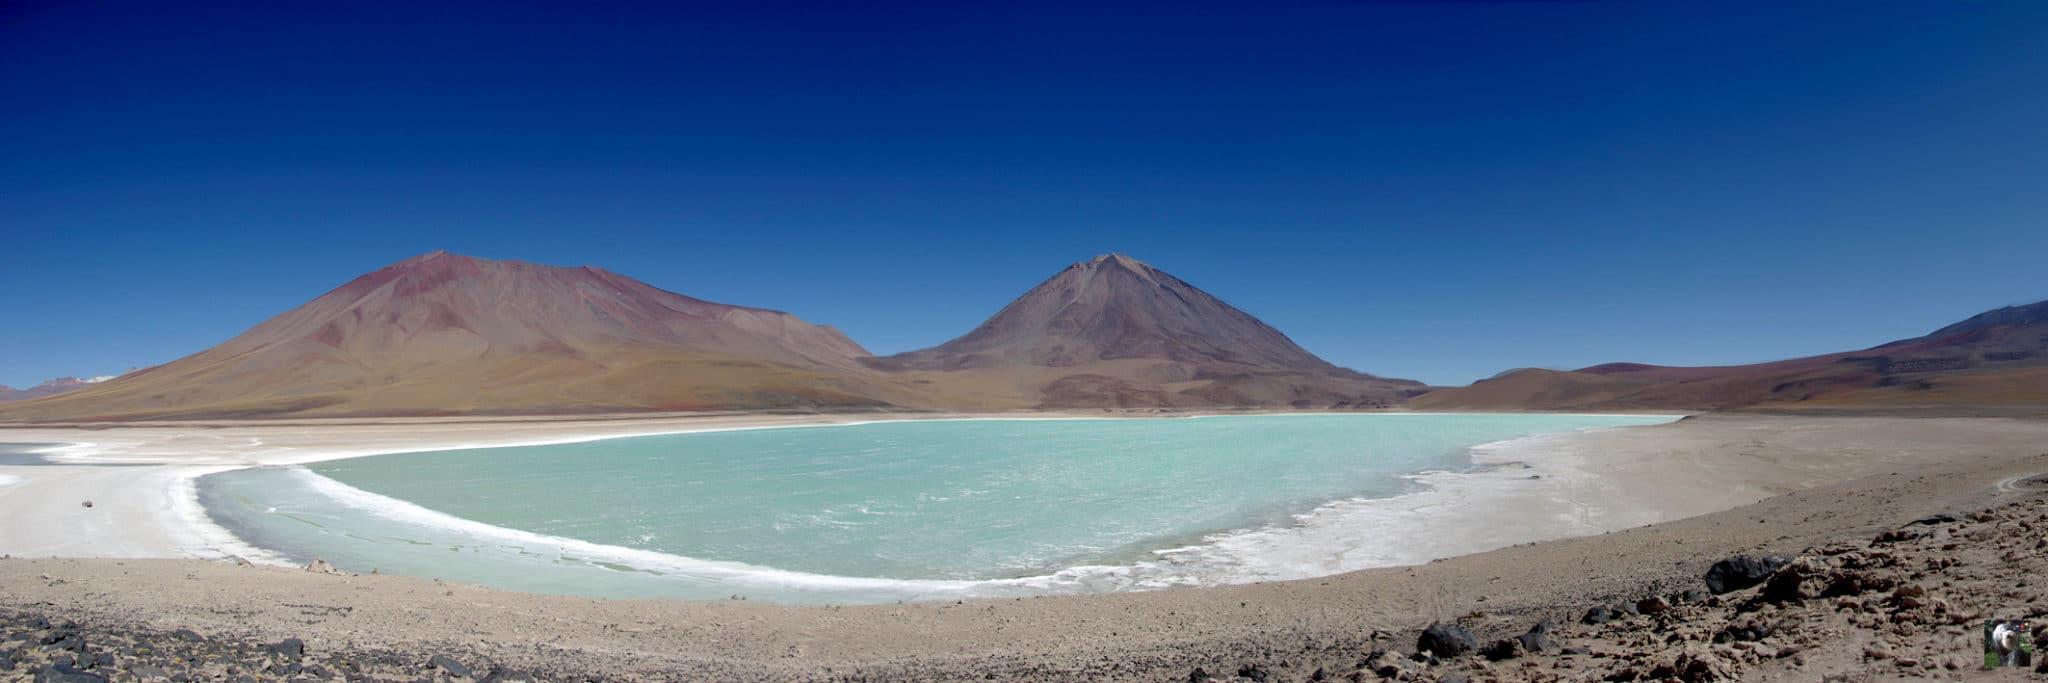 Grand périple en Bolivie et au Chili pour découvrir le désert d\'Atacama, le lac Titicaca, salar d\'Uyuni, la ville de Potossi et les nombreuses laguna.